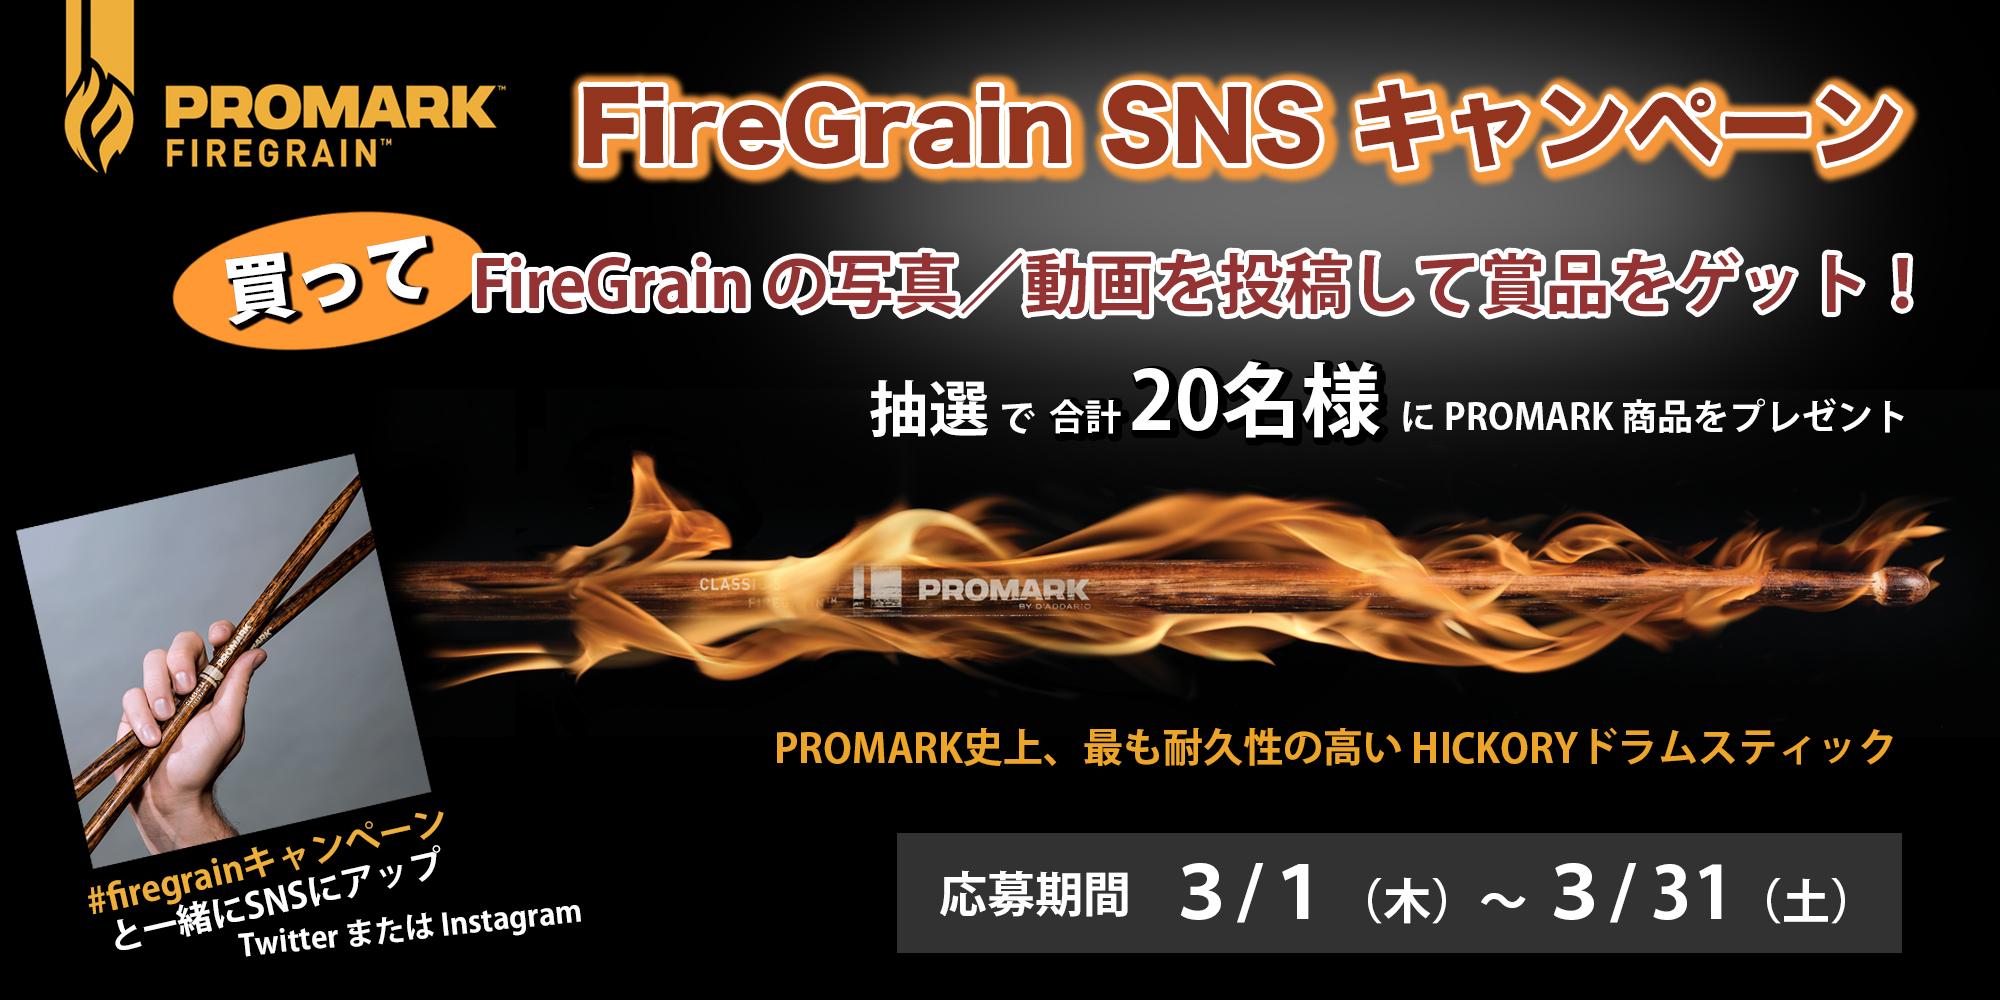 FireGrain_SNS_CP